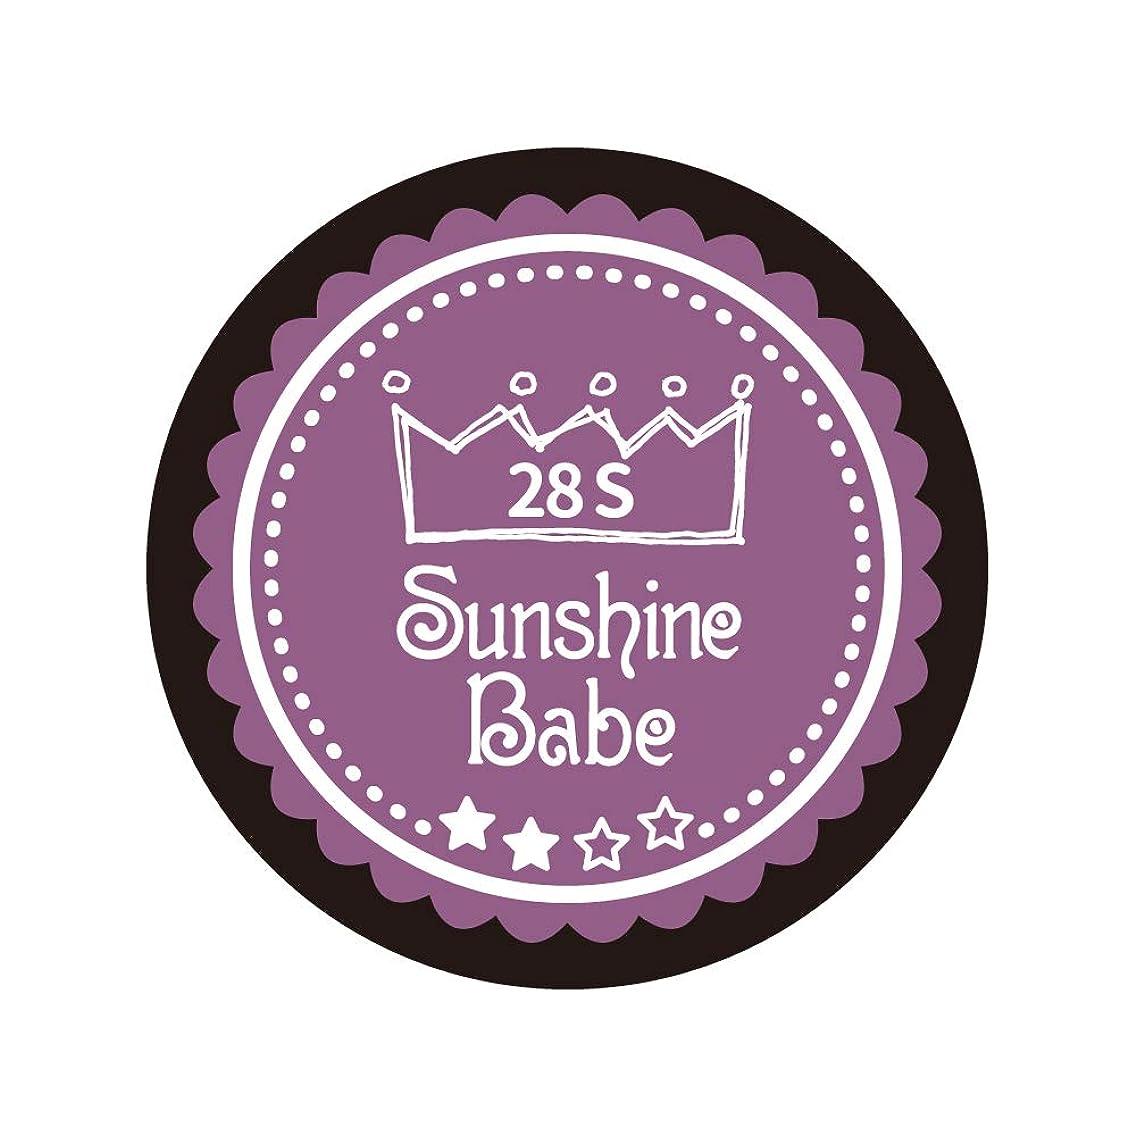 リンケージ不道徳漁師Sunshine Babe コスメティックカラー 28S パンジーパープル 4g UV/LED対応